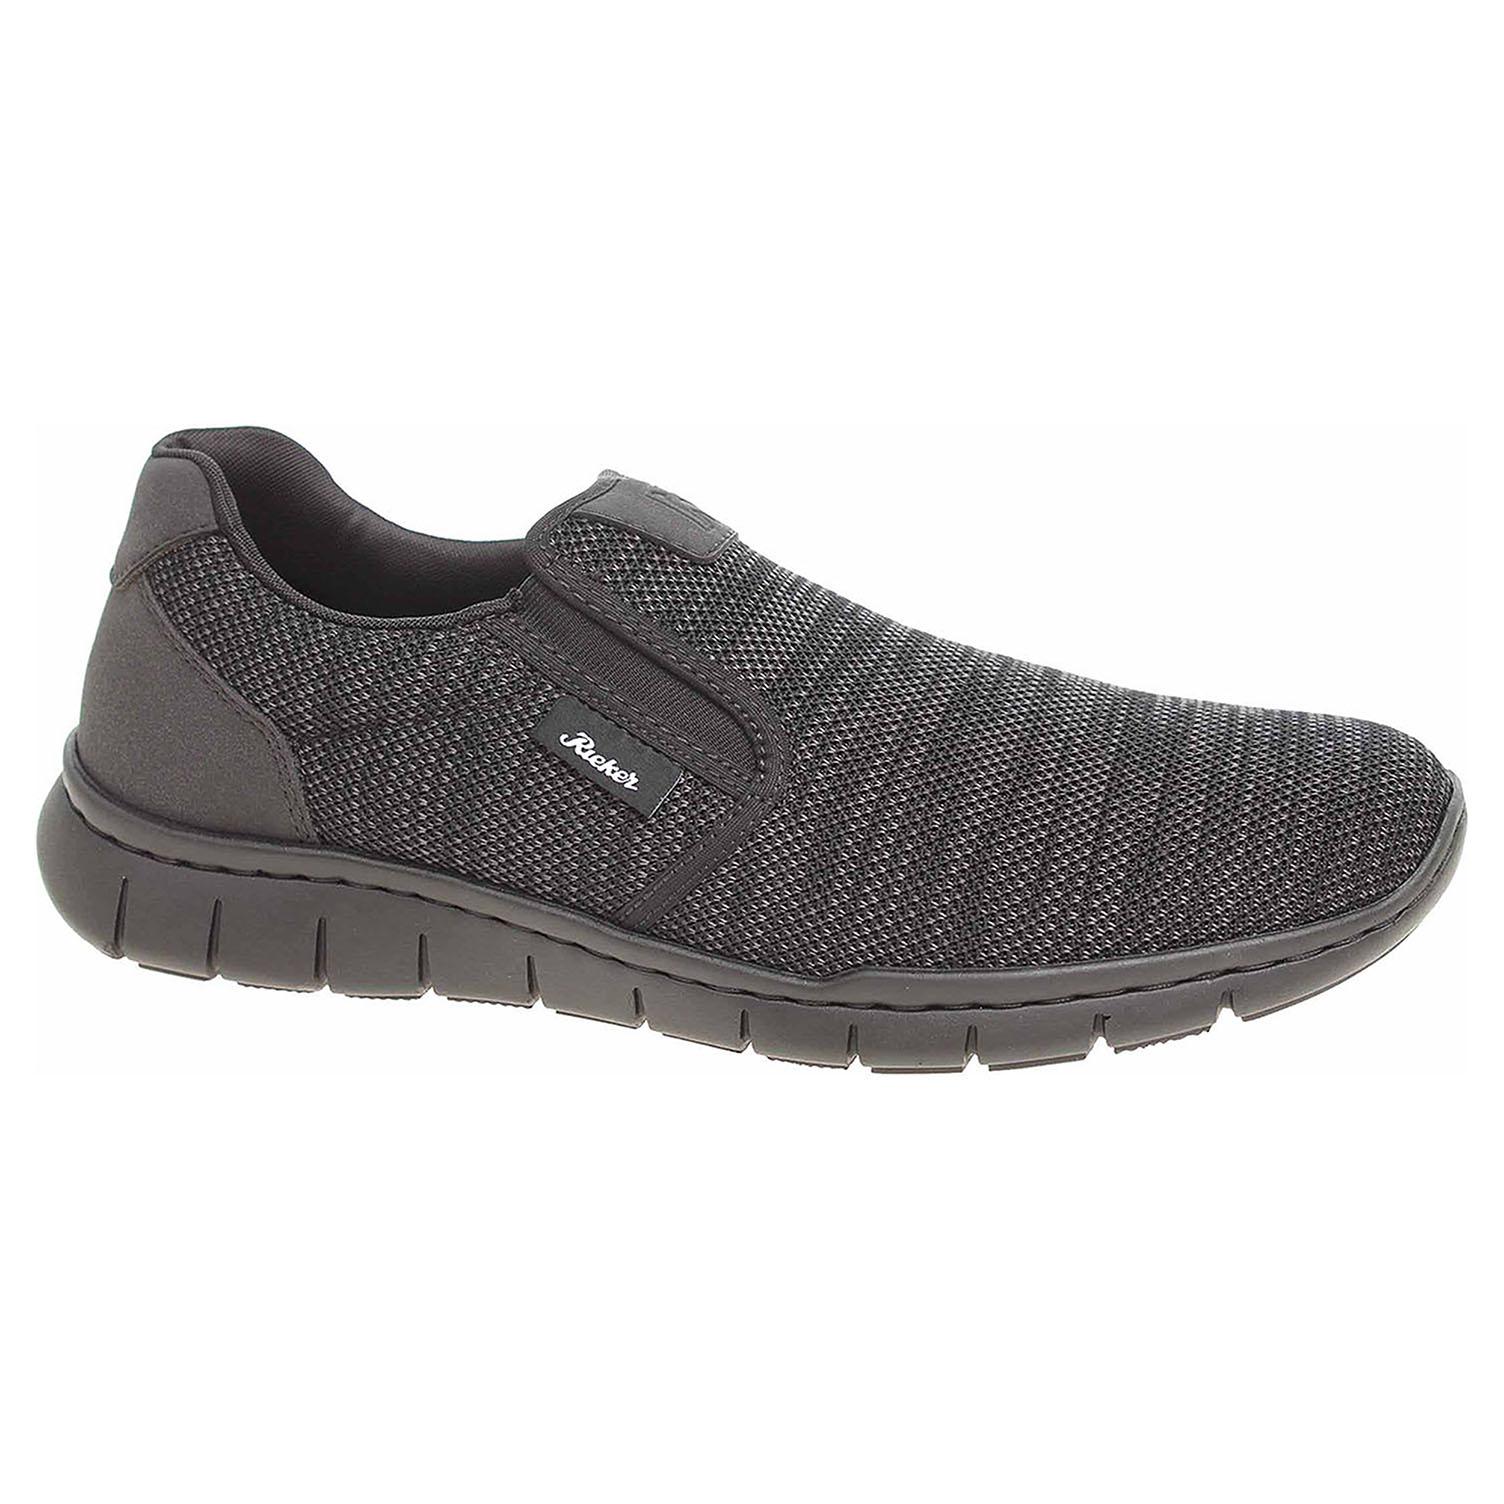 736564dce45bb Pánska topánky Rieker B8760-42 grau kombi | REJNOK obuv